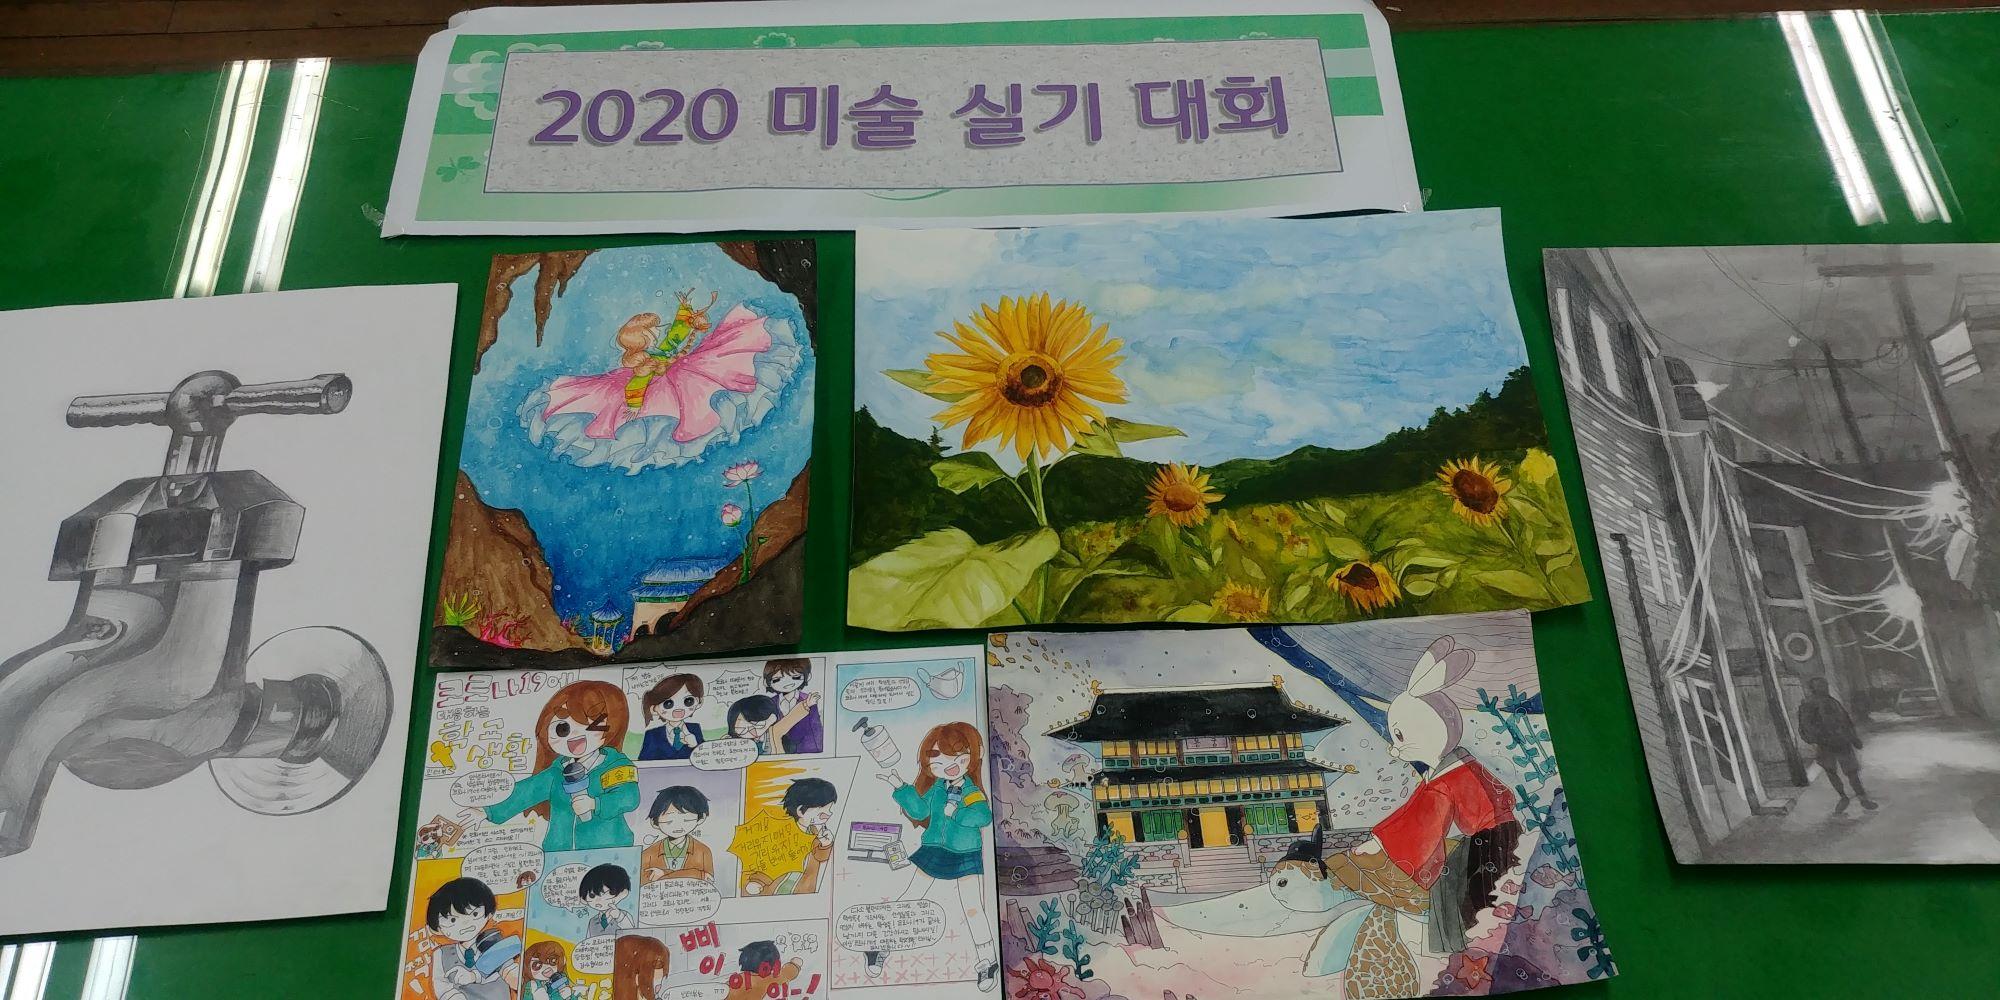 [일반] 2020 학년도 미술 실기 대회 실시의 첨부이미지 1